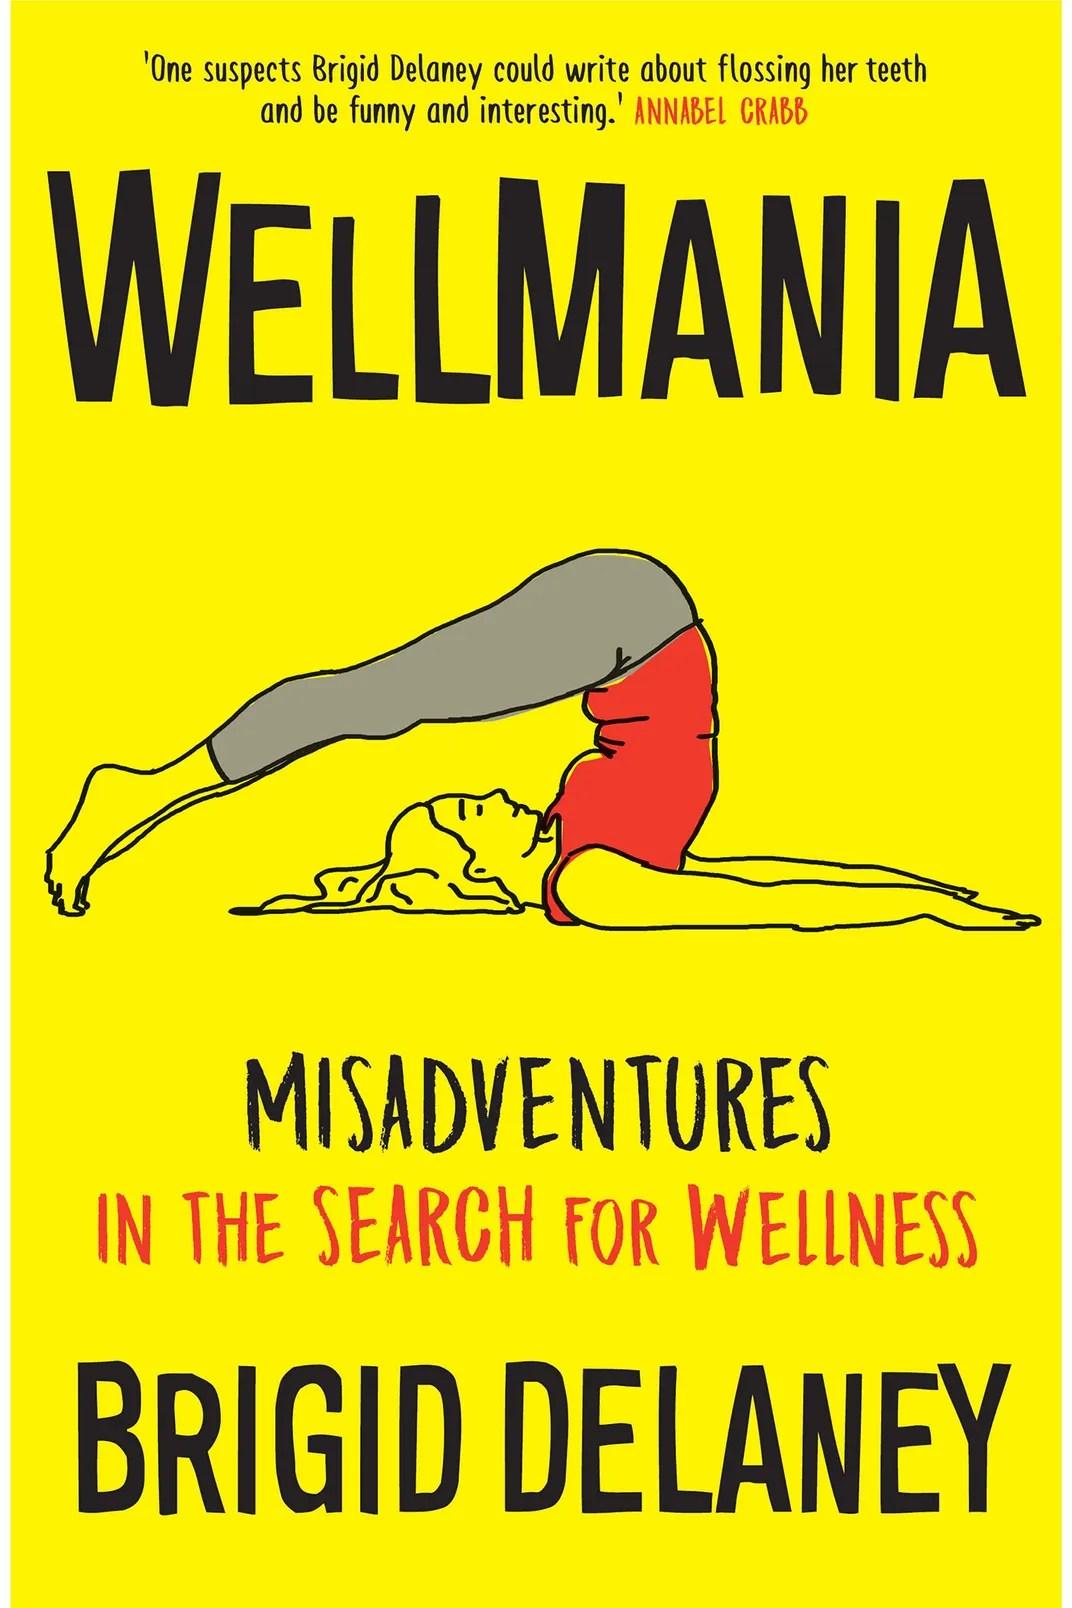 <em>Wellmania</em>, by Brigid Delaney